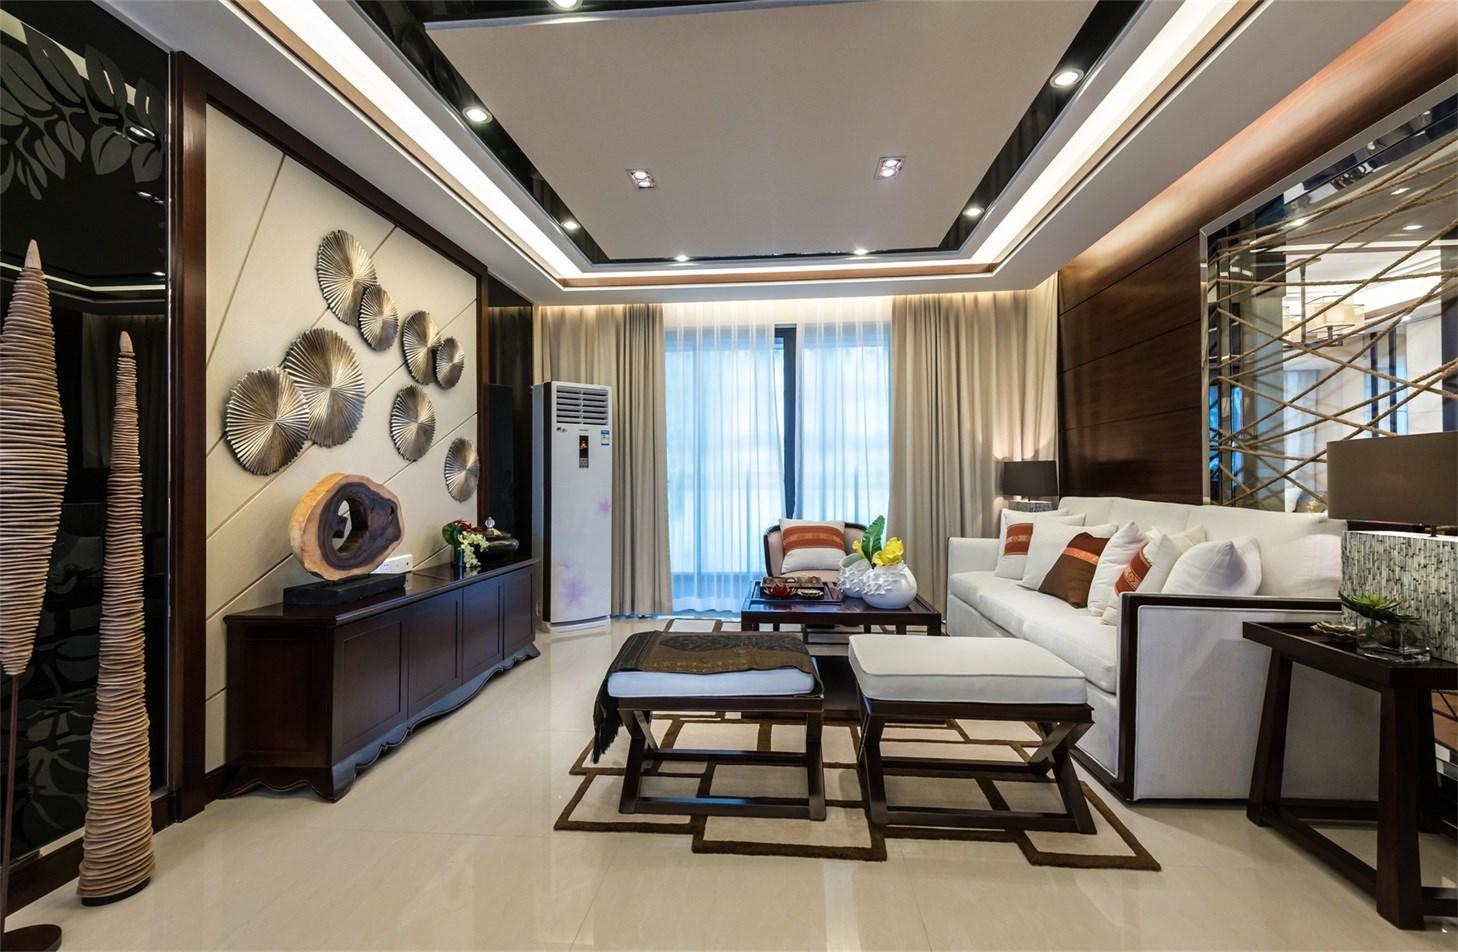 客厅设计整体非常雅致,浅色背景墙搭配中式家具及饰品,沉稳又不缺乏时尚感。